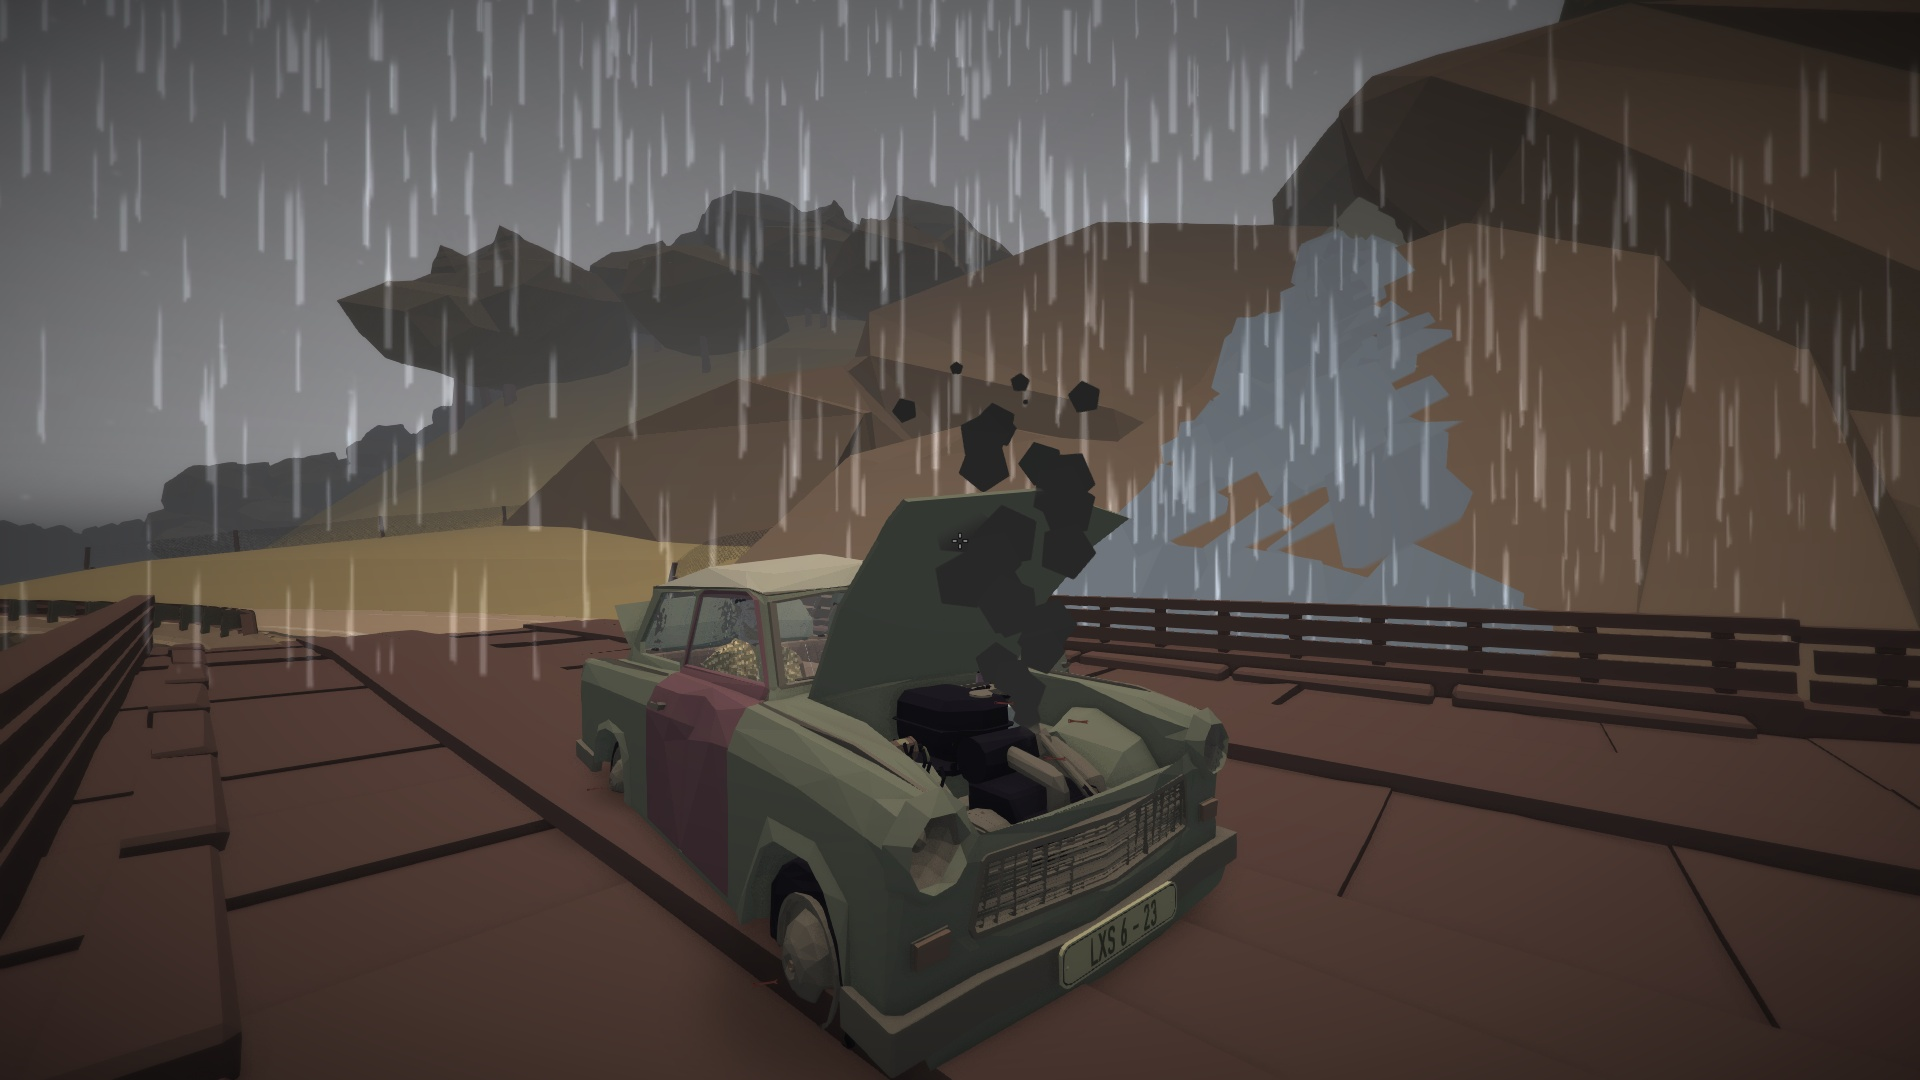 Ma voiture, qui a le sens théâtral, a attendu de se trouver sur un pont de bois surplombant une chute d'eau, en haut d'une falaise en bord de mer, pour rendre l'âme.